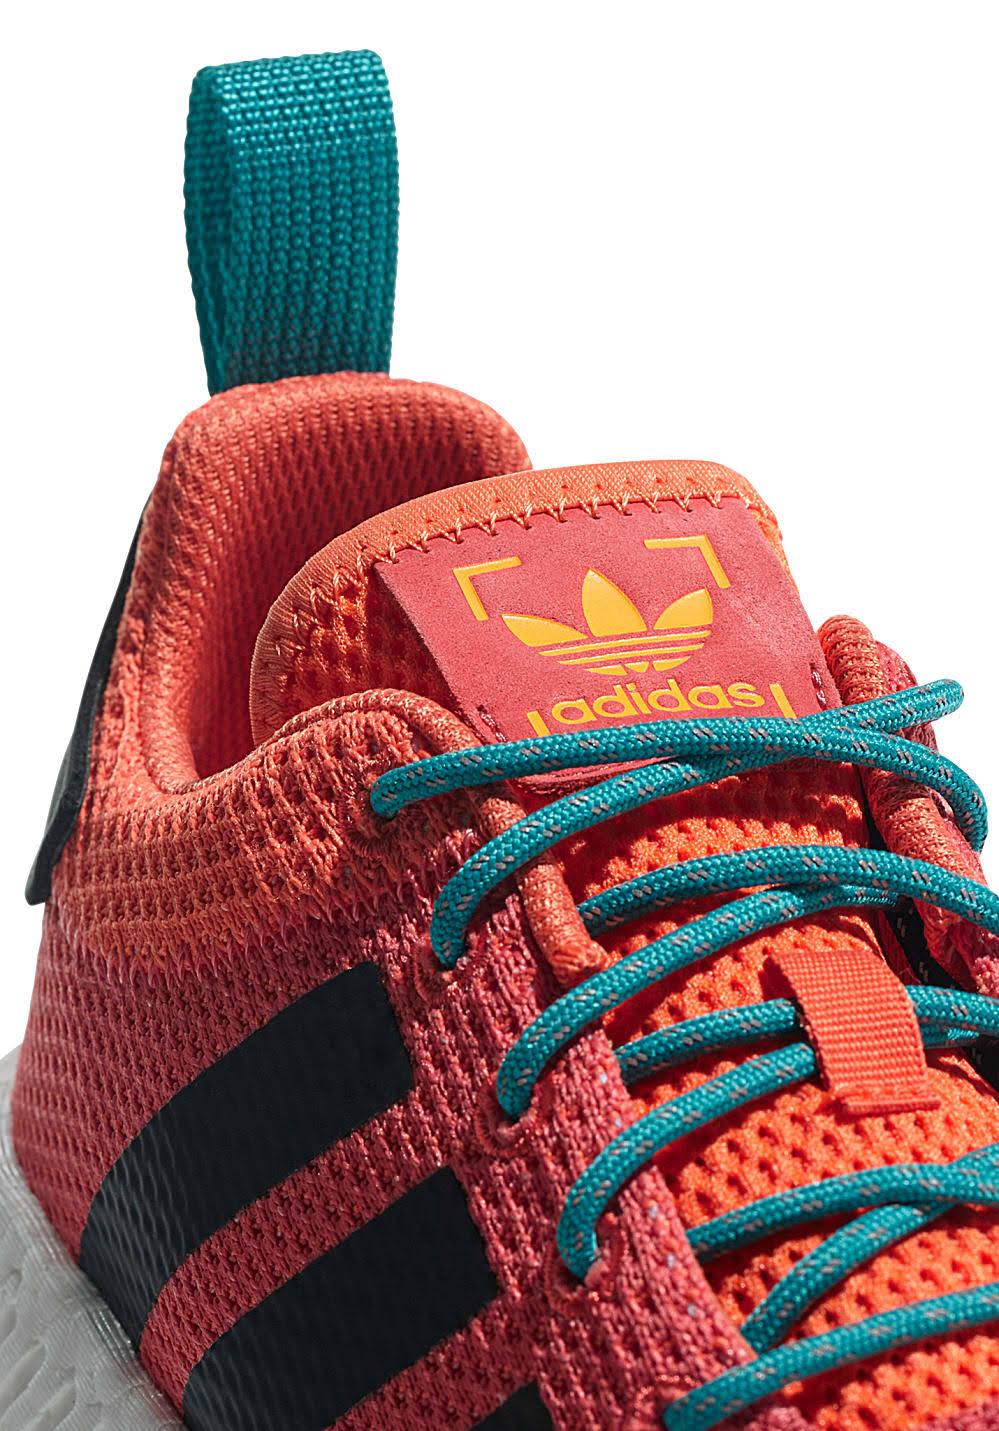 Originals Oranje r2 Adidas Originals Nmd Adidas Originals Oranje Adidas Nmd r2 kPuiXZO